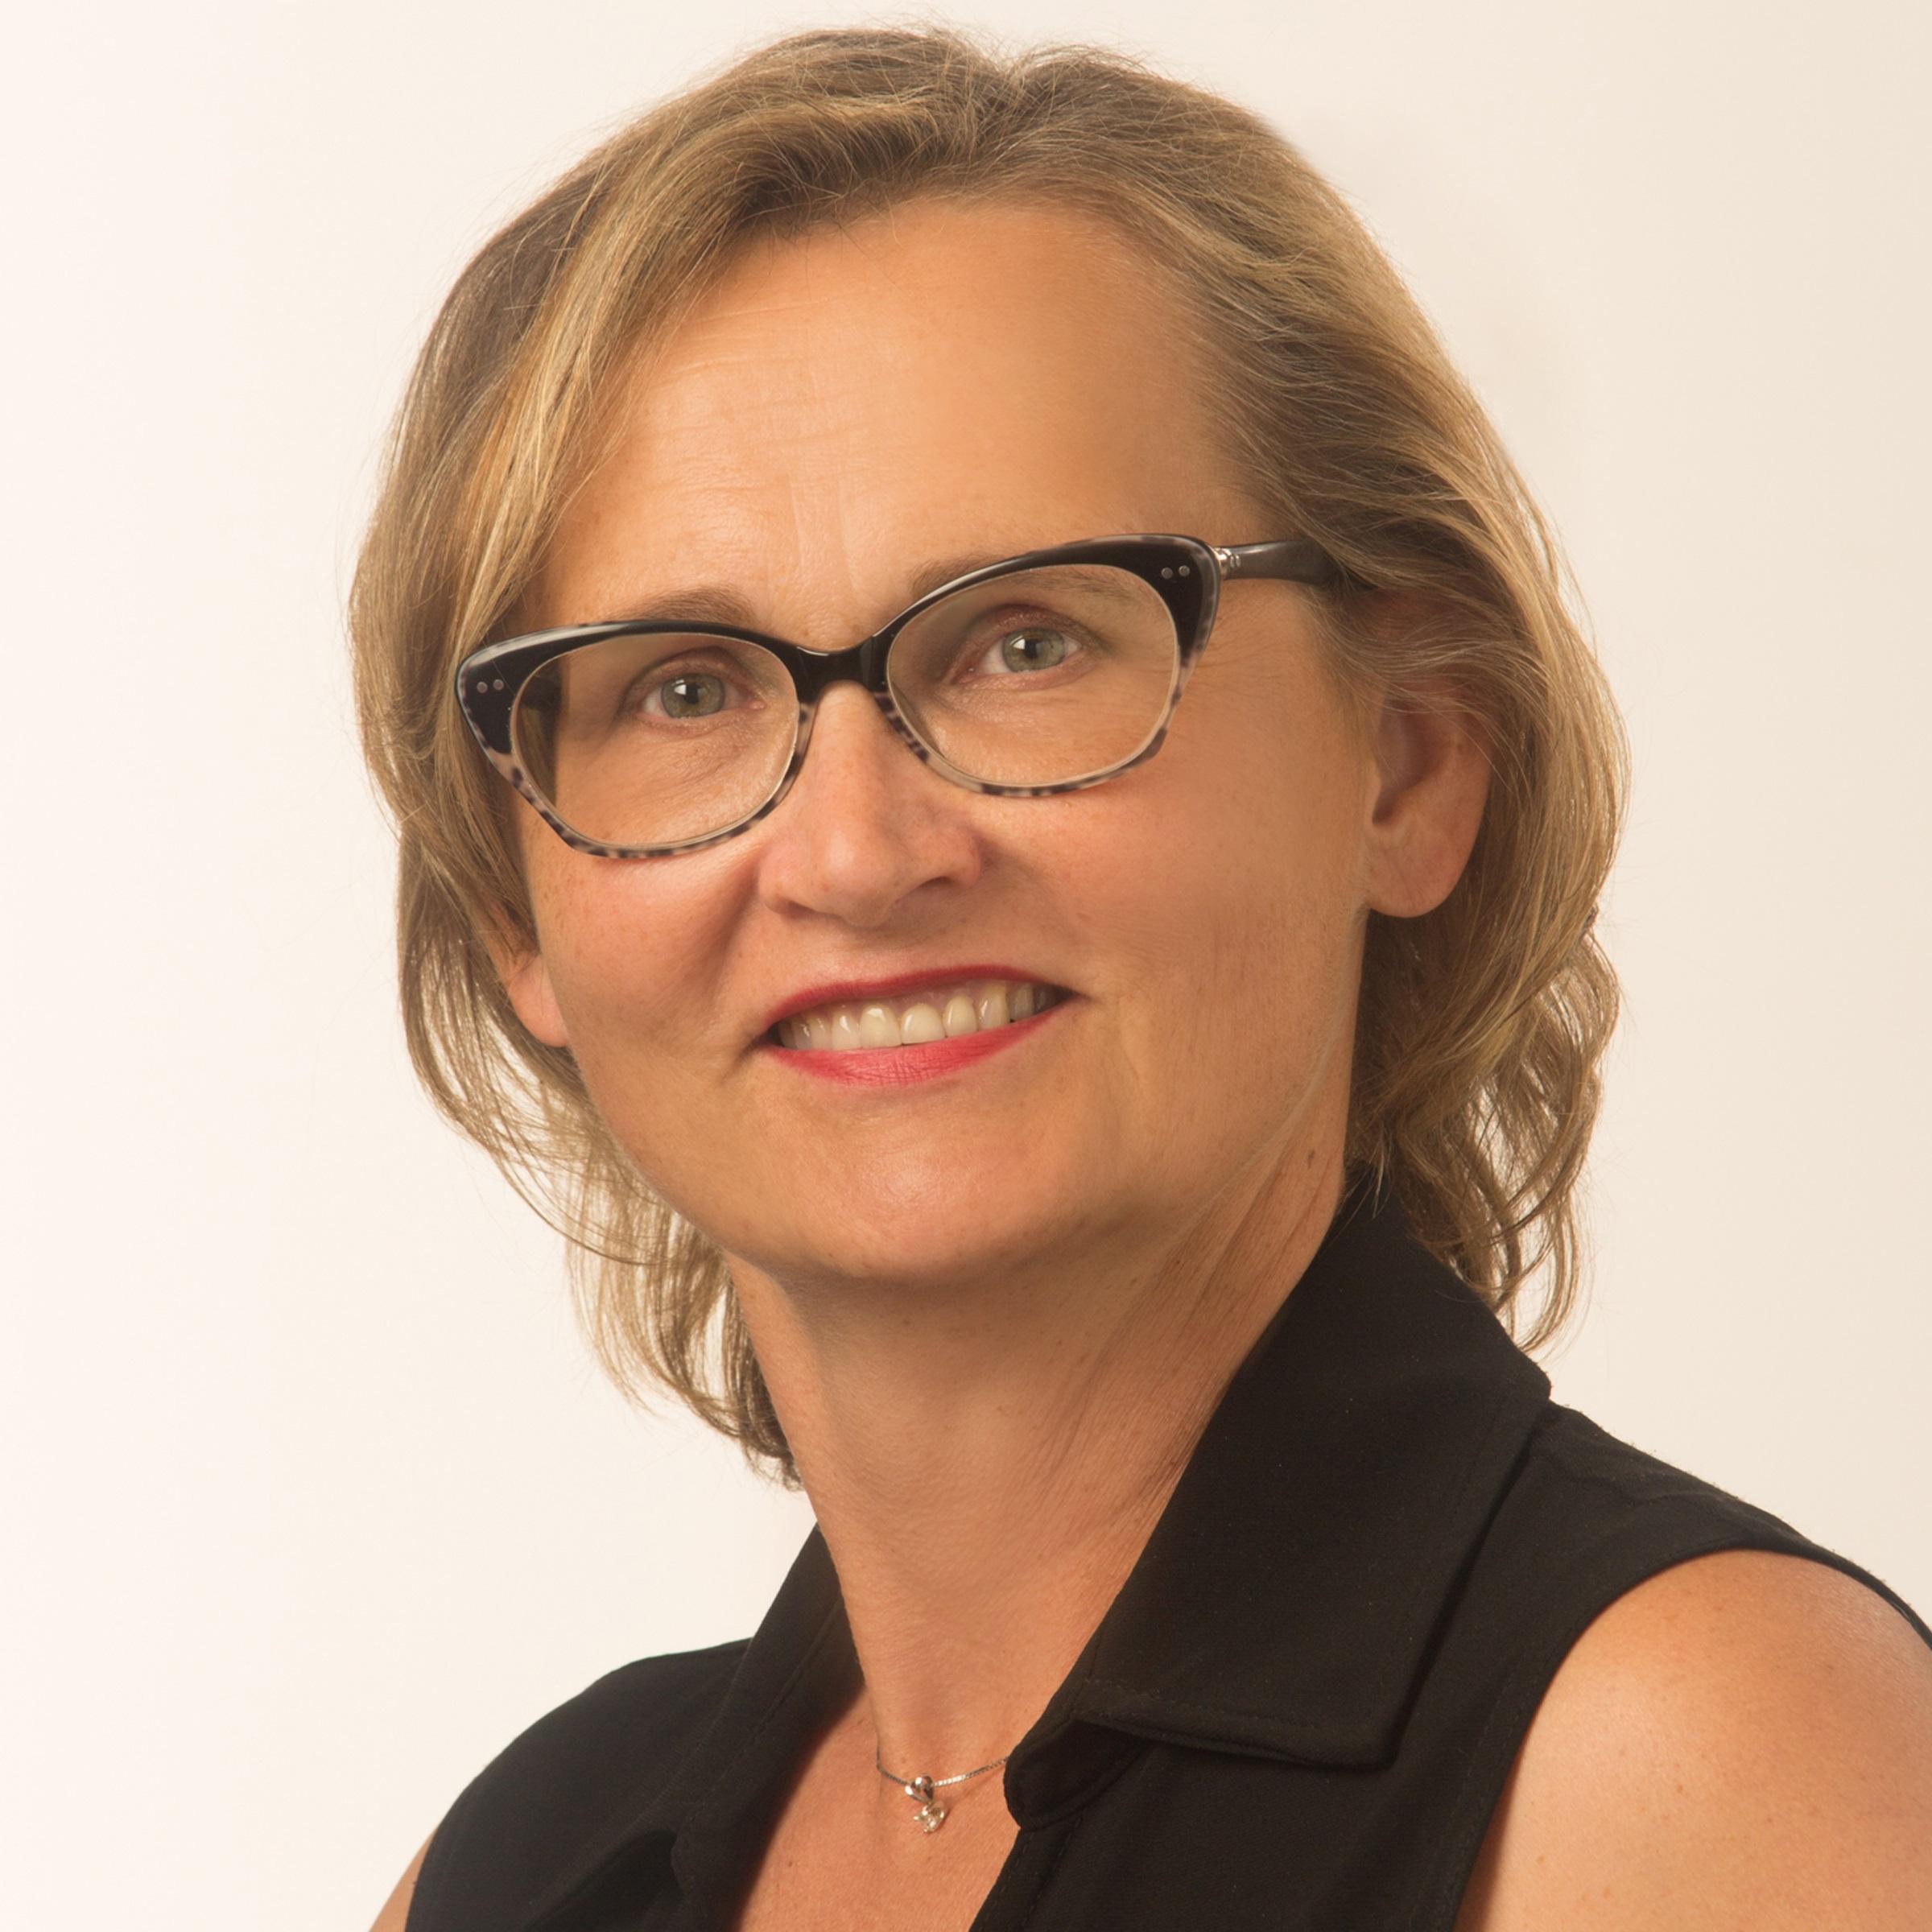 Denise Loucks